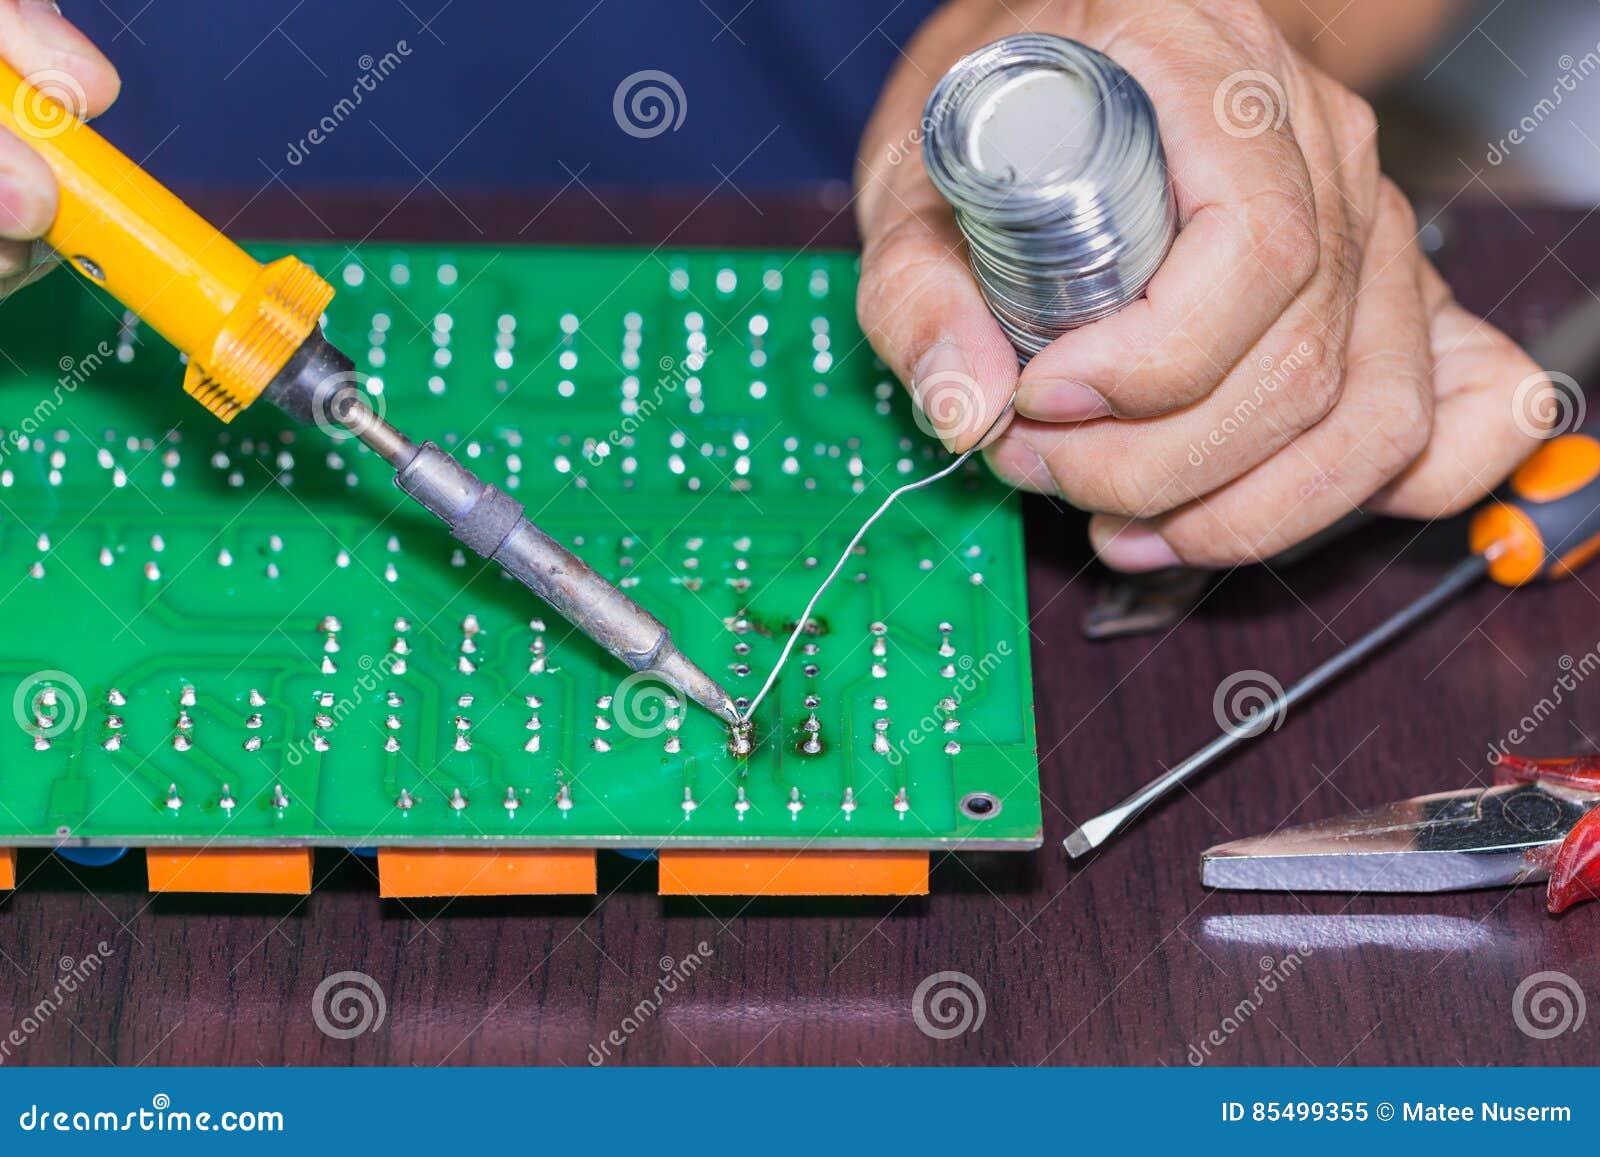 El soldar en placa de circuito